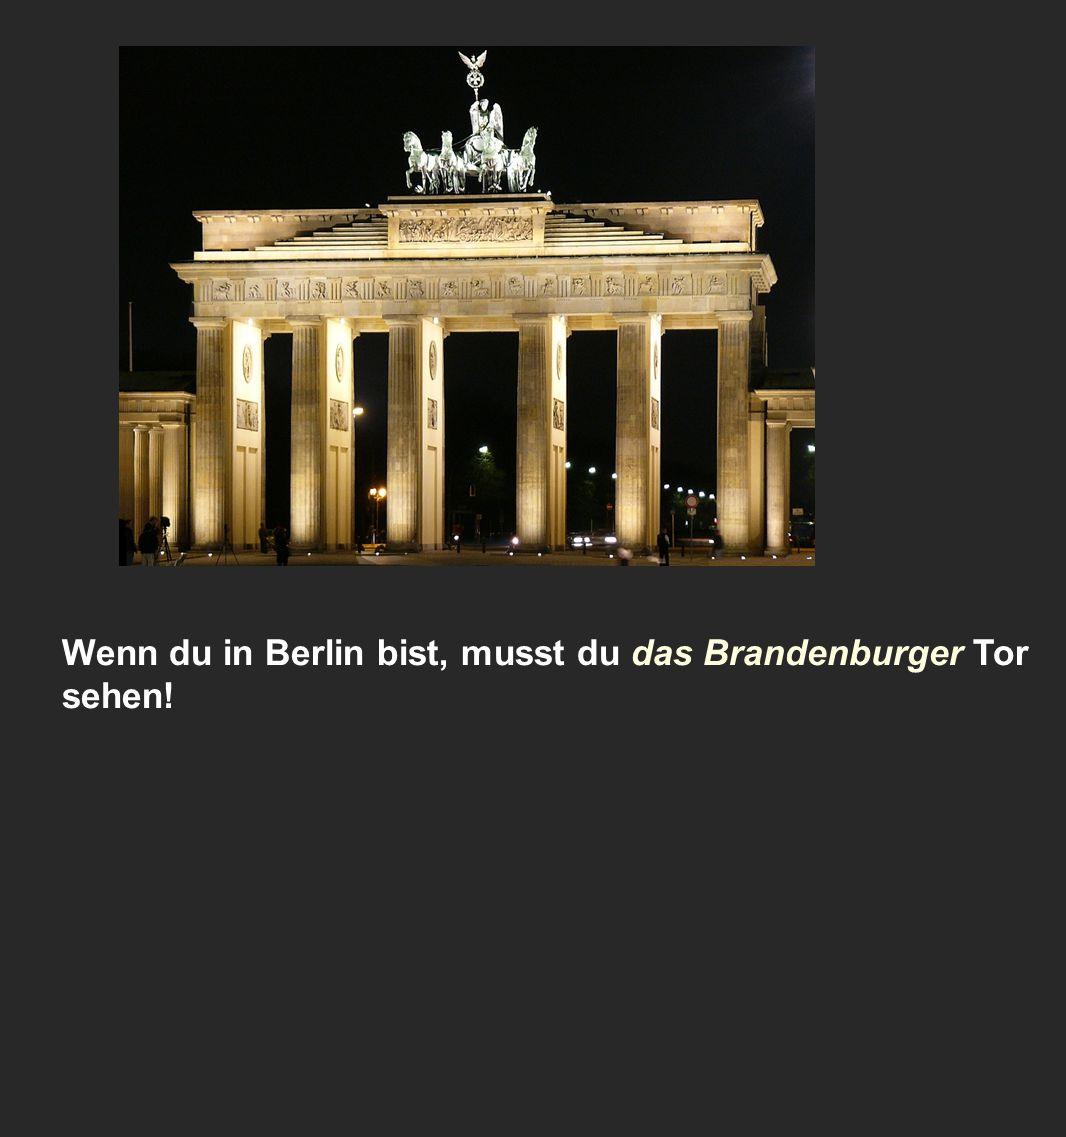 Wenn du in Berlin bist, musst du das Brandenburger Tor sehen!